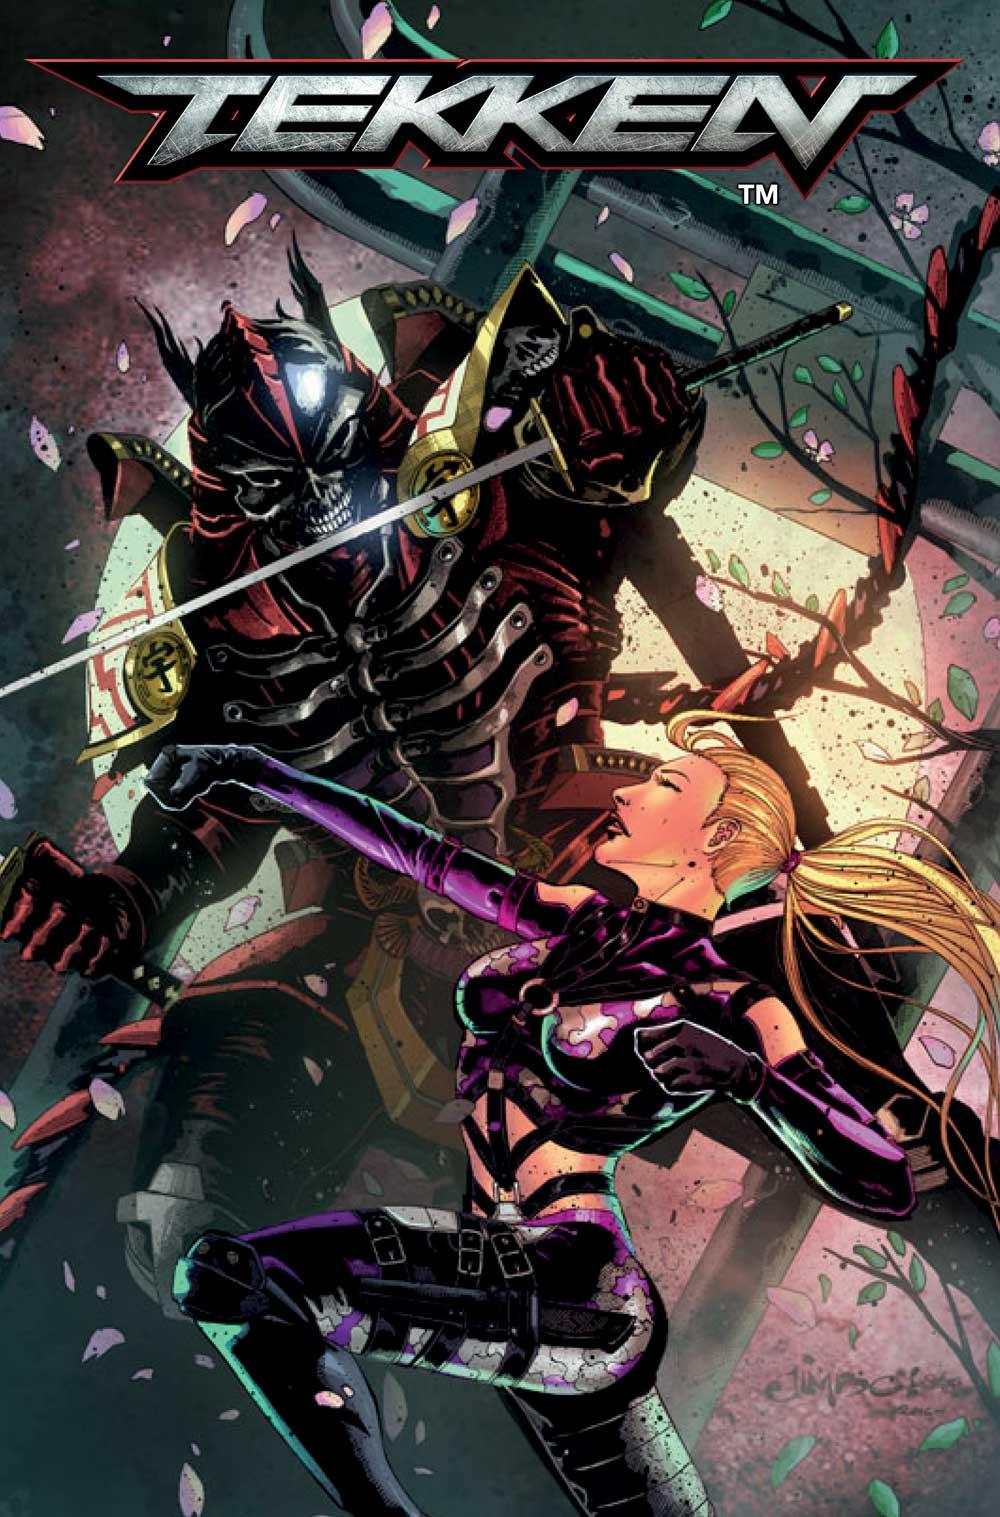 Tekken_01_COVER_E_JIMBO_SALGADO.jpg